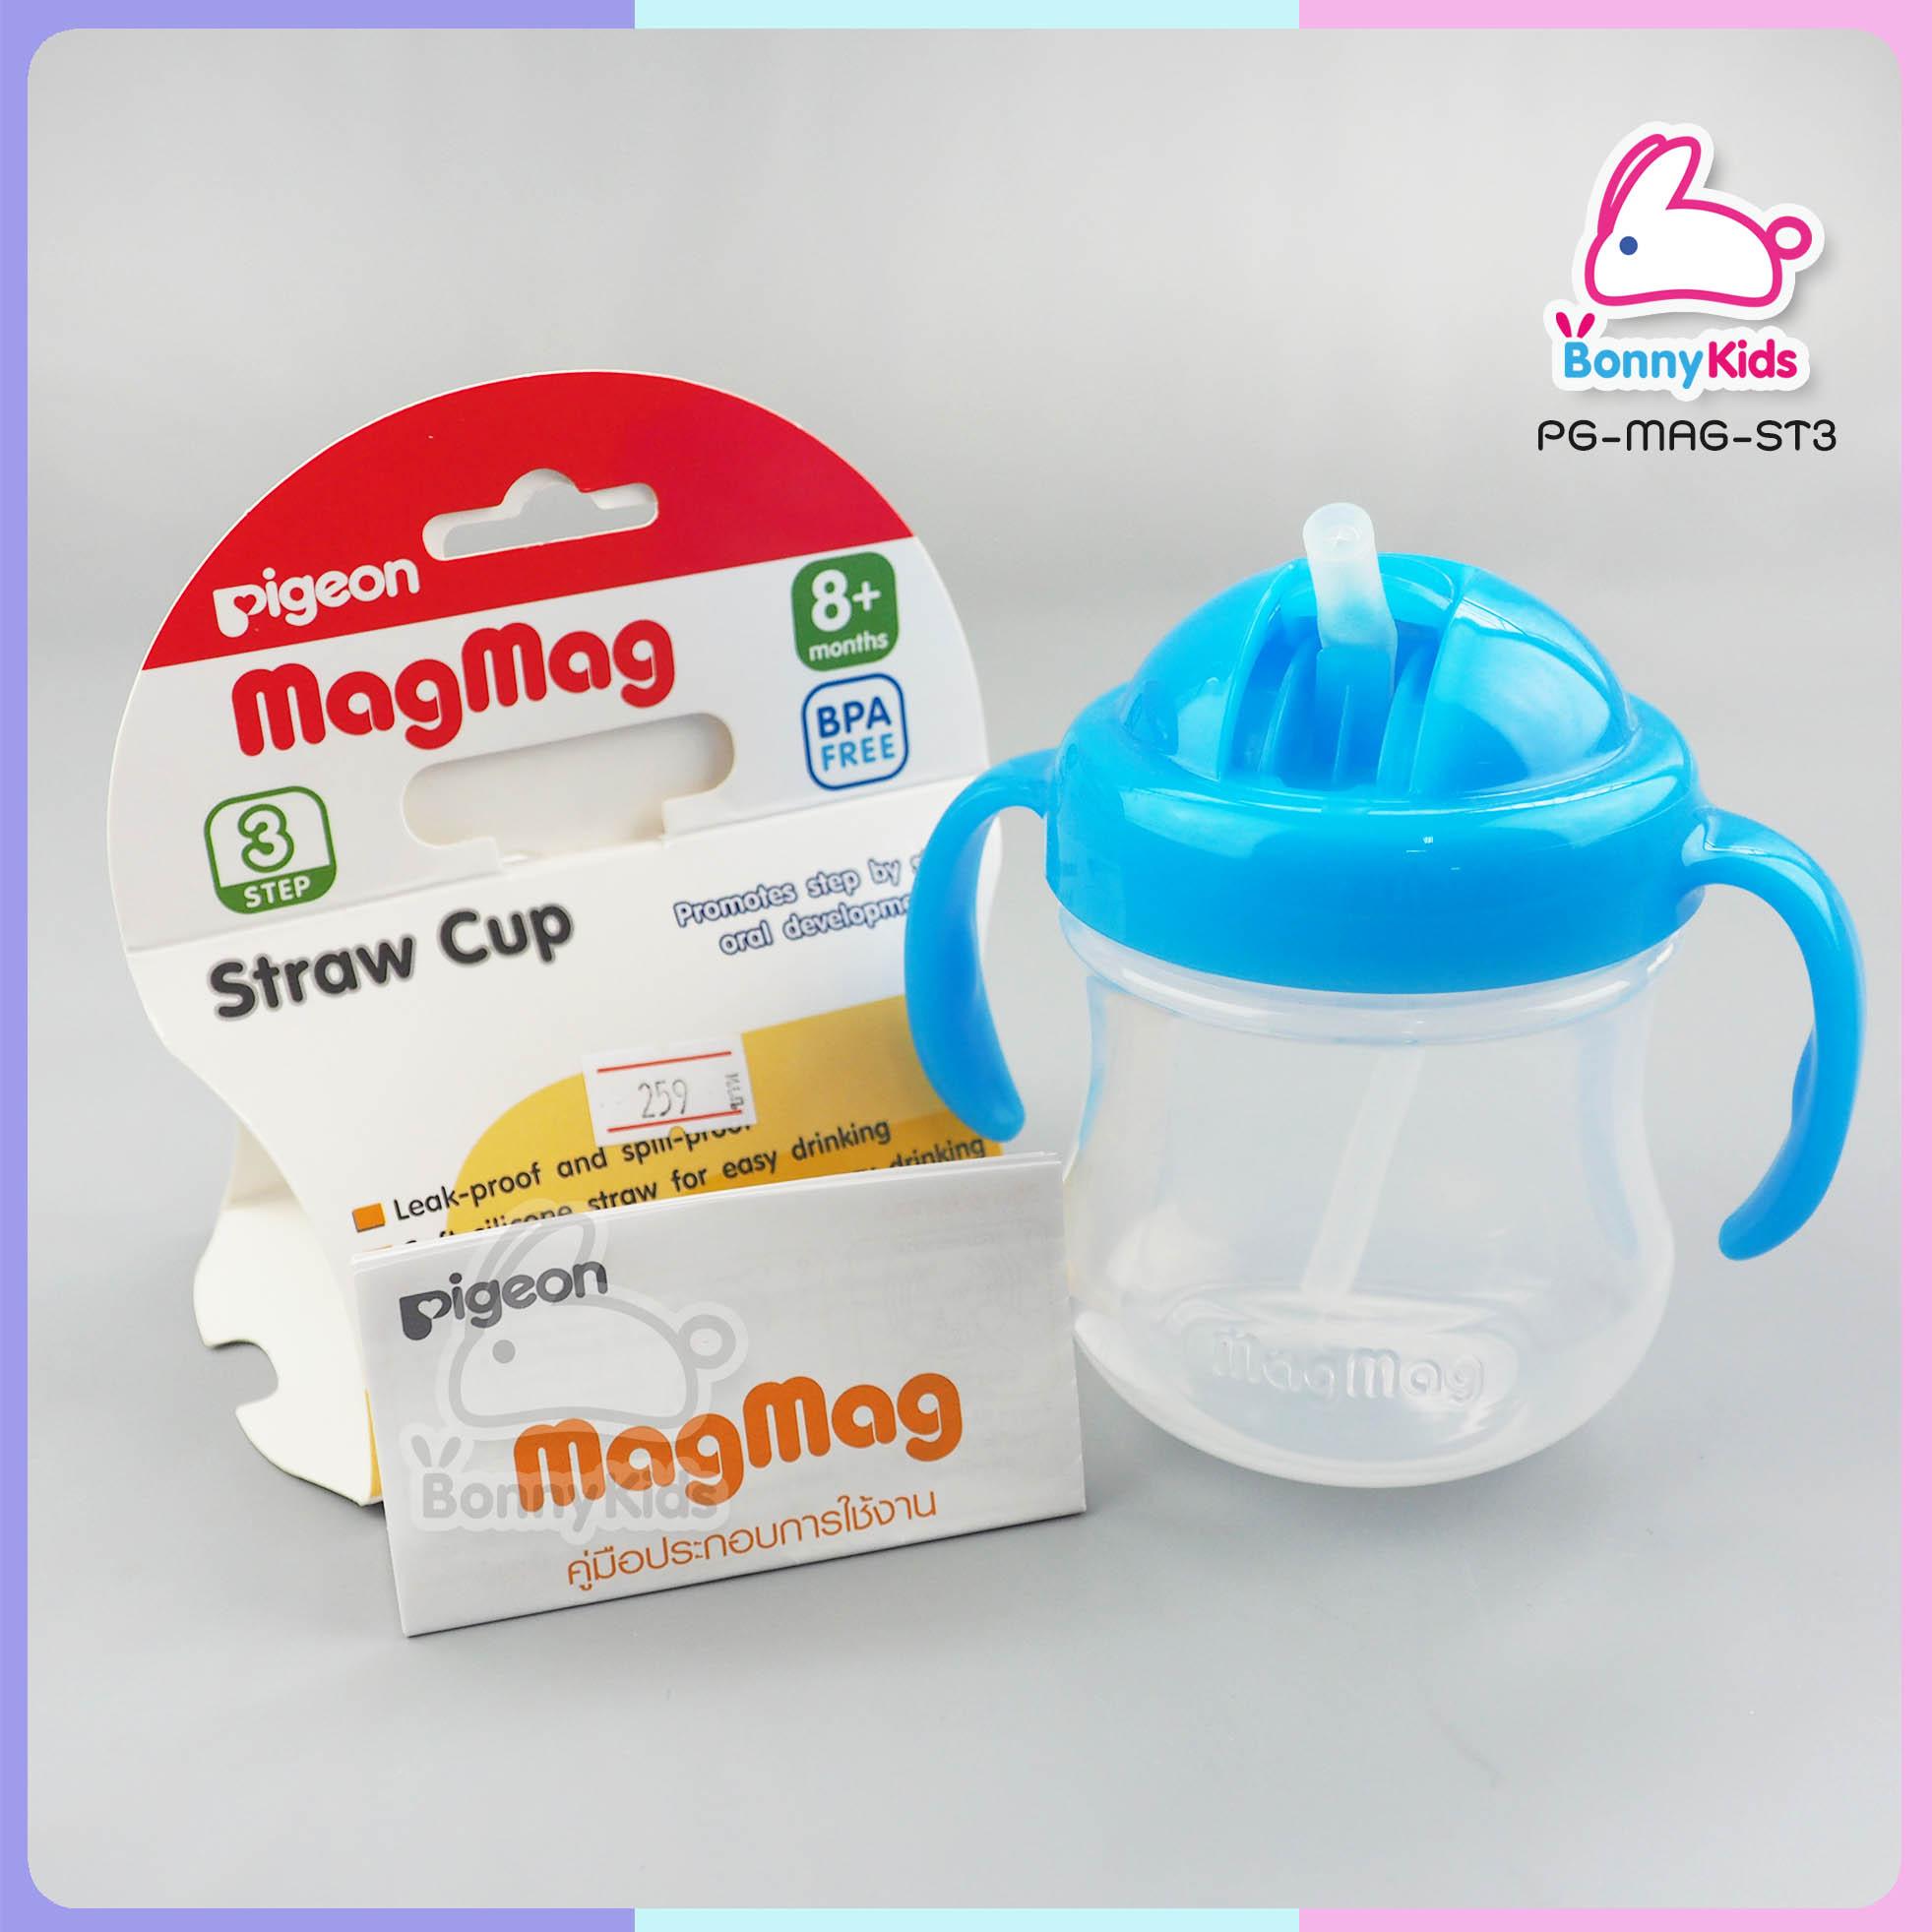 ถ้วยหัดดื่ม Pigeon Mag Mag Step 3 เหมาะกับเด็ก 8 เดือนขึ้นไป